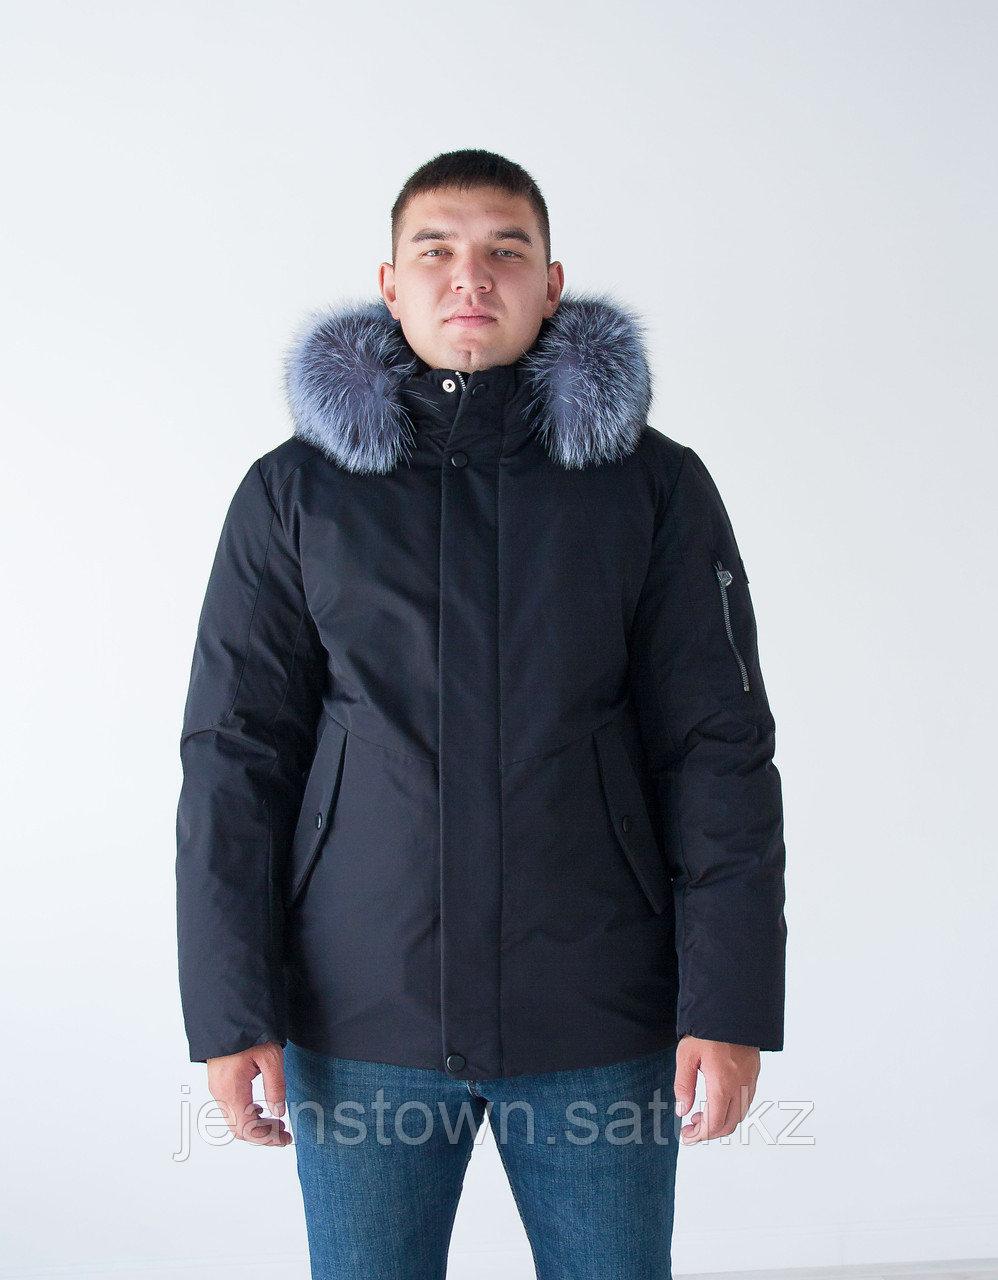 Короткая  мужская куртка  KINGS WIND  натуральный  мех чернобурки  на капюшоне, синяя